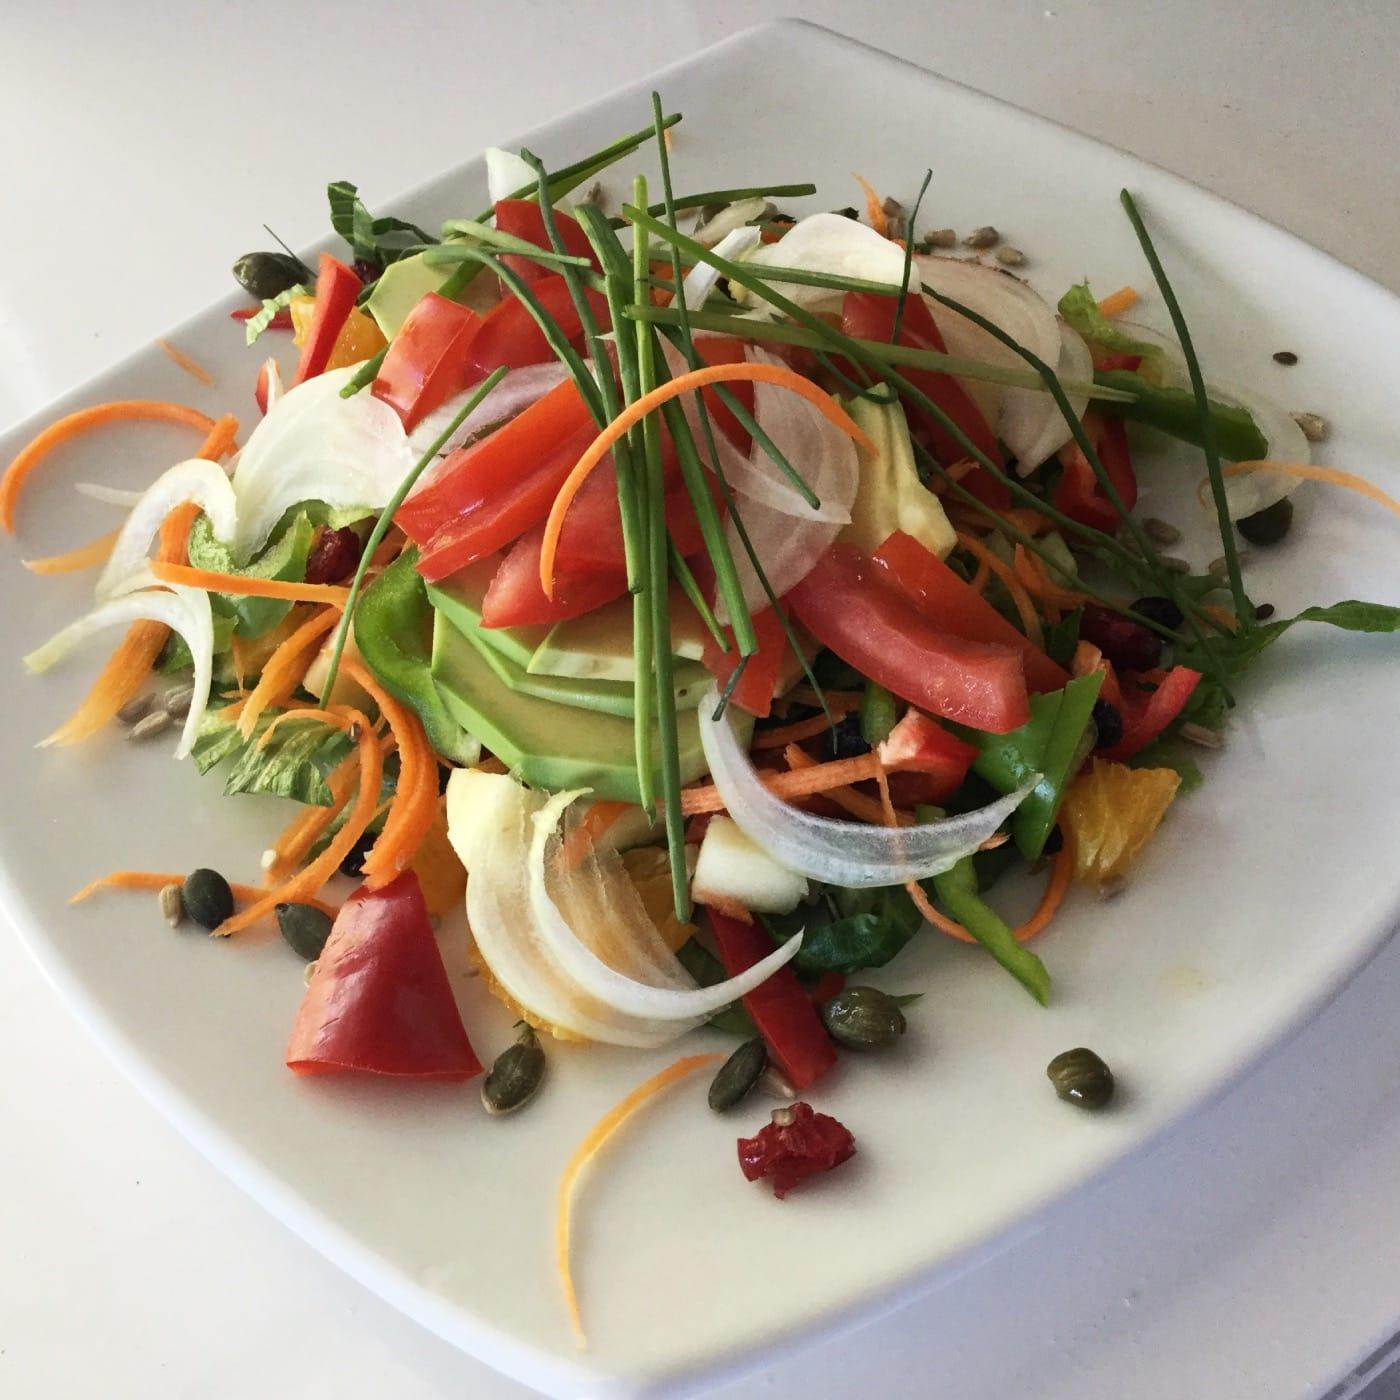 Familienurlaub auf griechischer Insel – köstliches Essen // HIMBEER